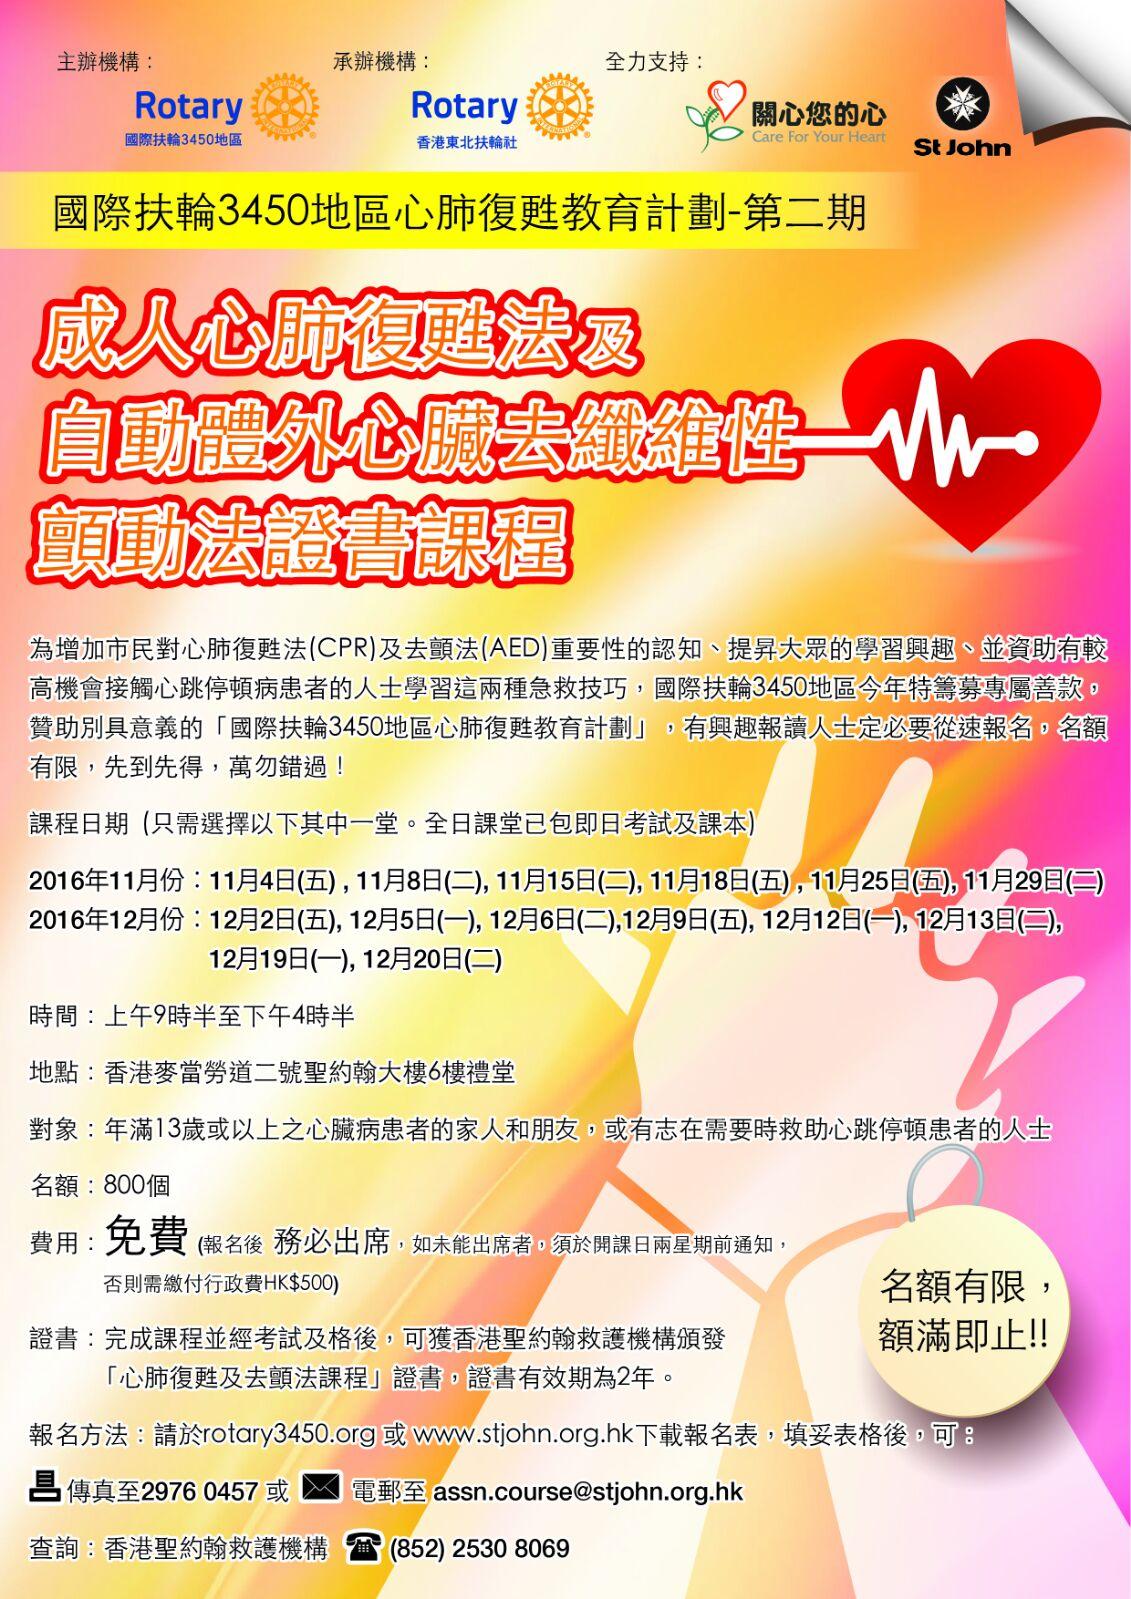 國際扶輪 3450 地區心肺復甦及去顫法教育計劃 - 第二期